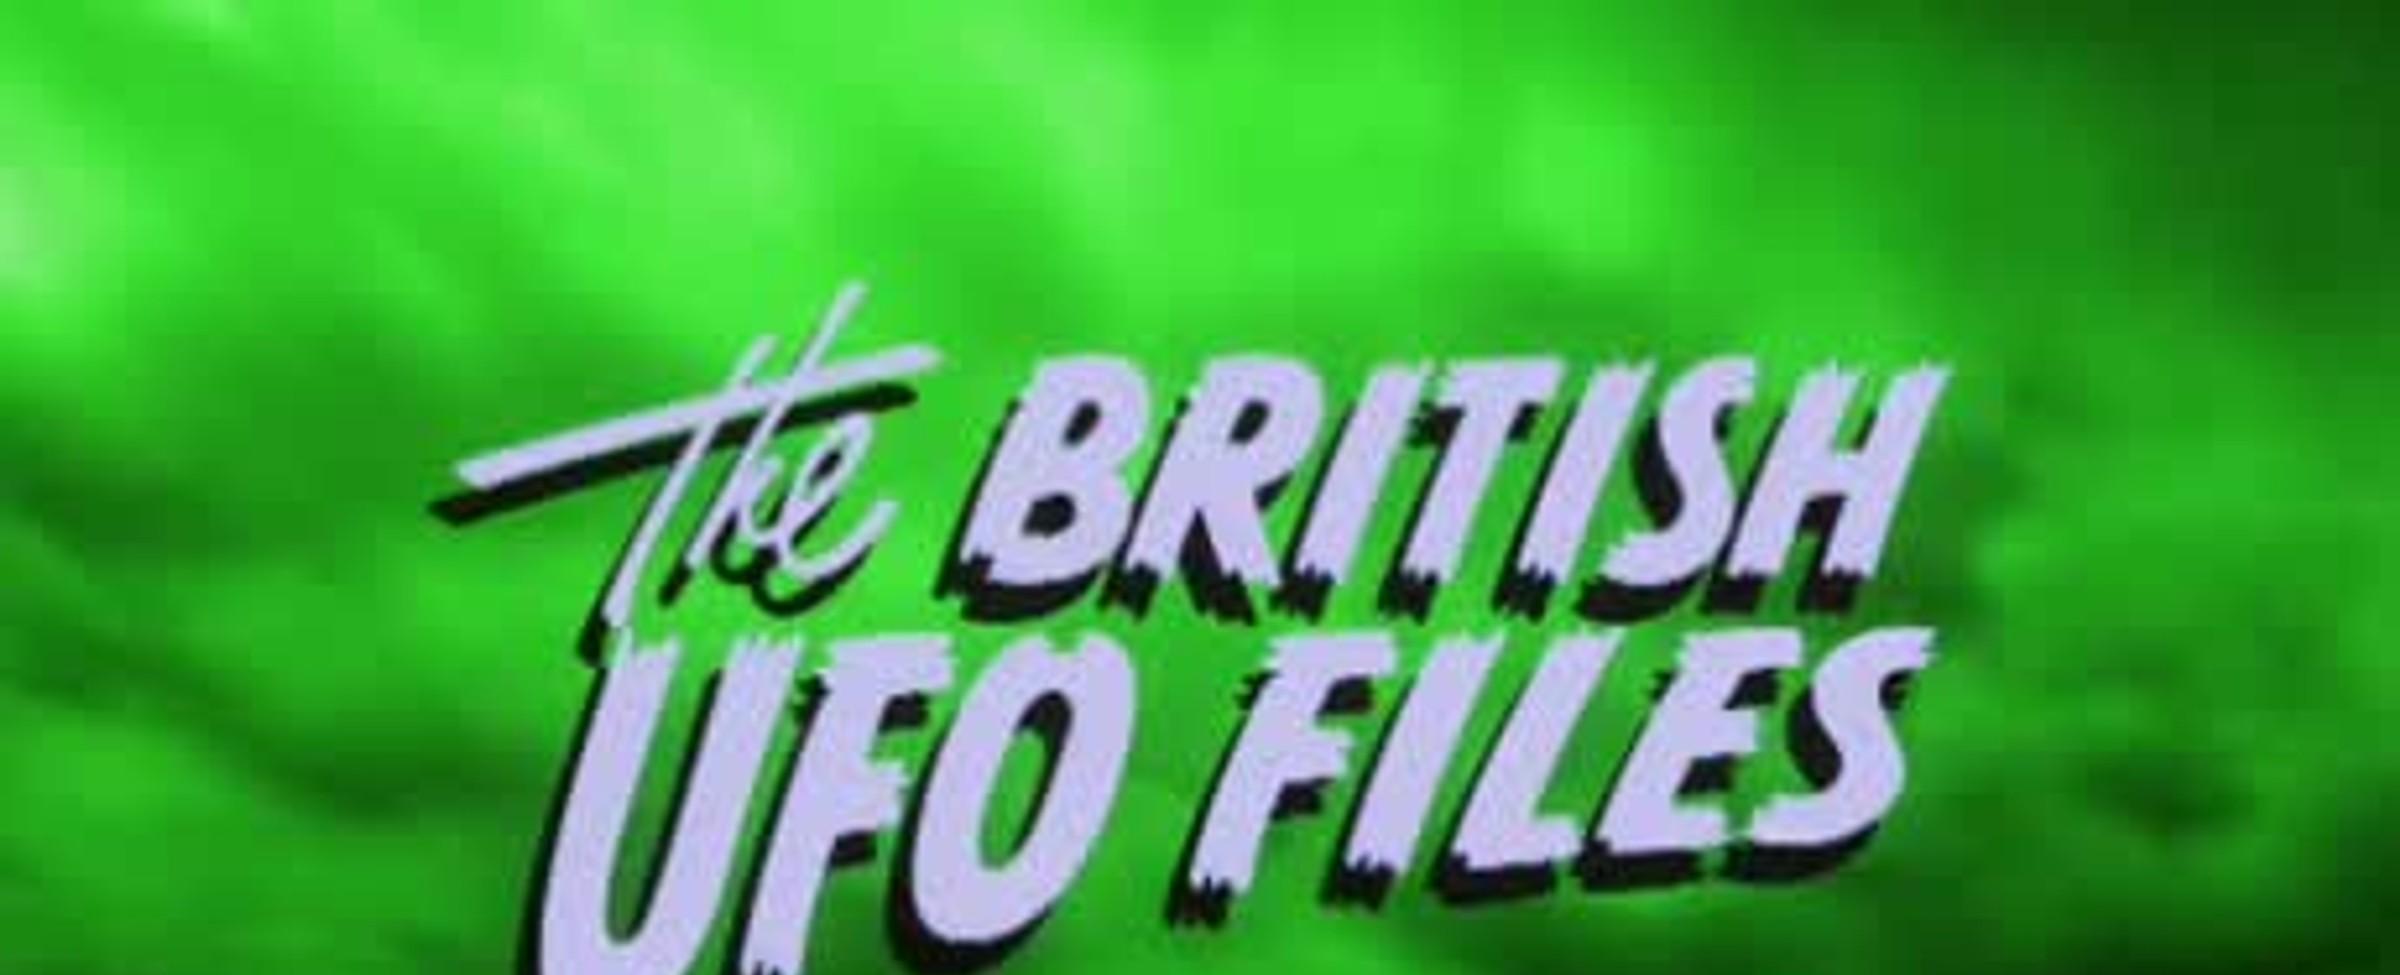 UFO nad Británií